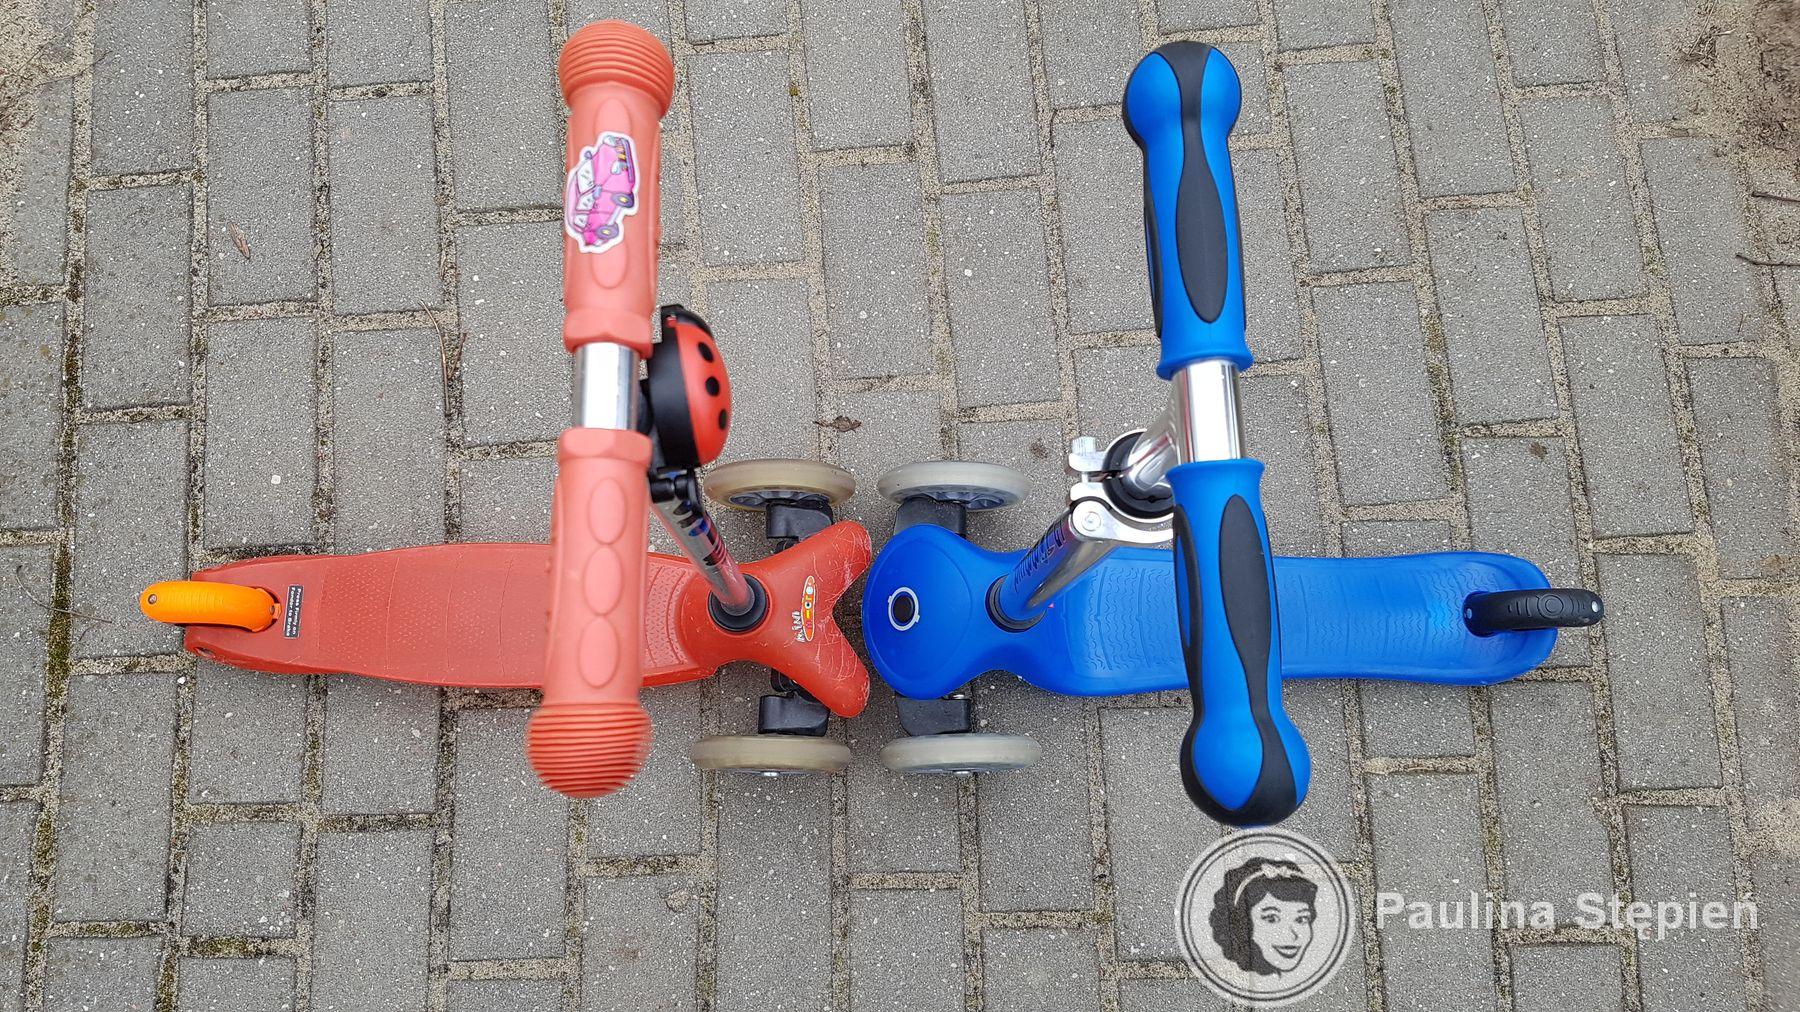 Czerwona to Mini Micro, niebieska Globber